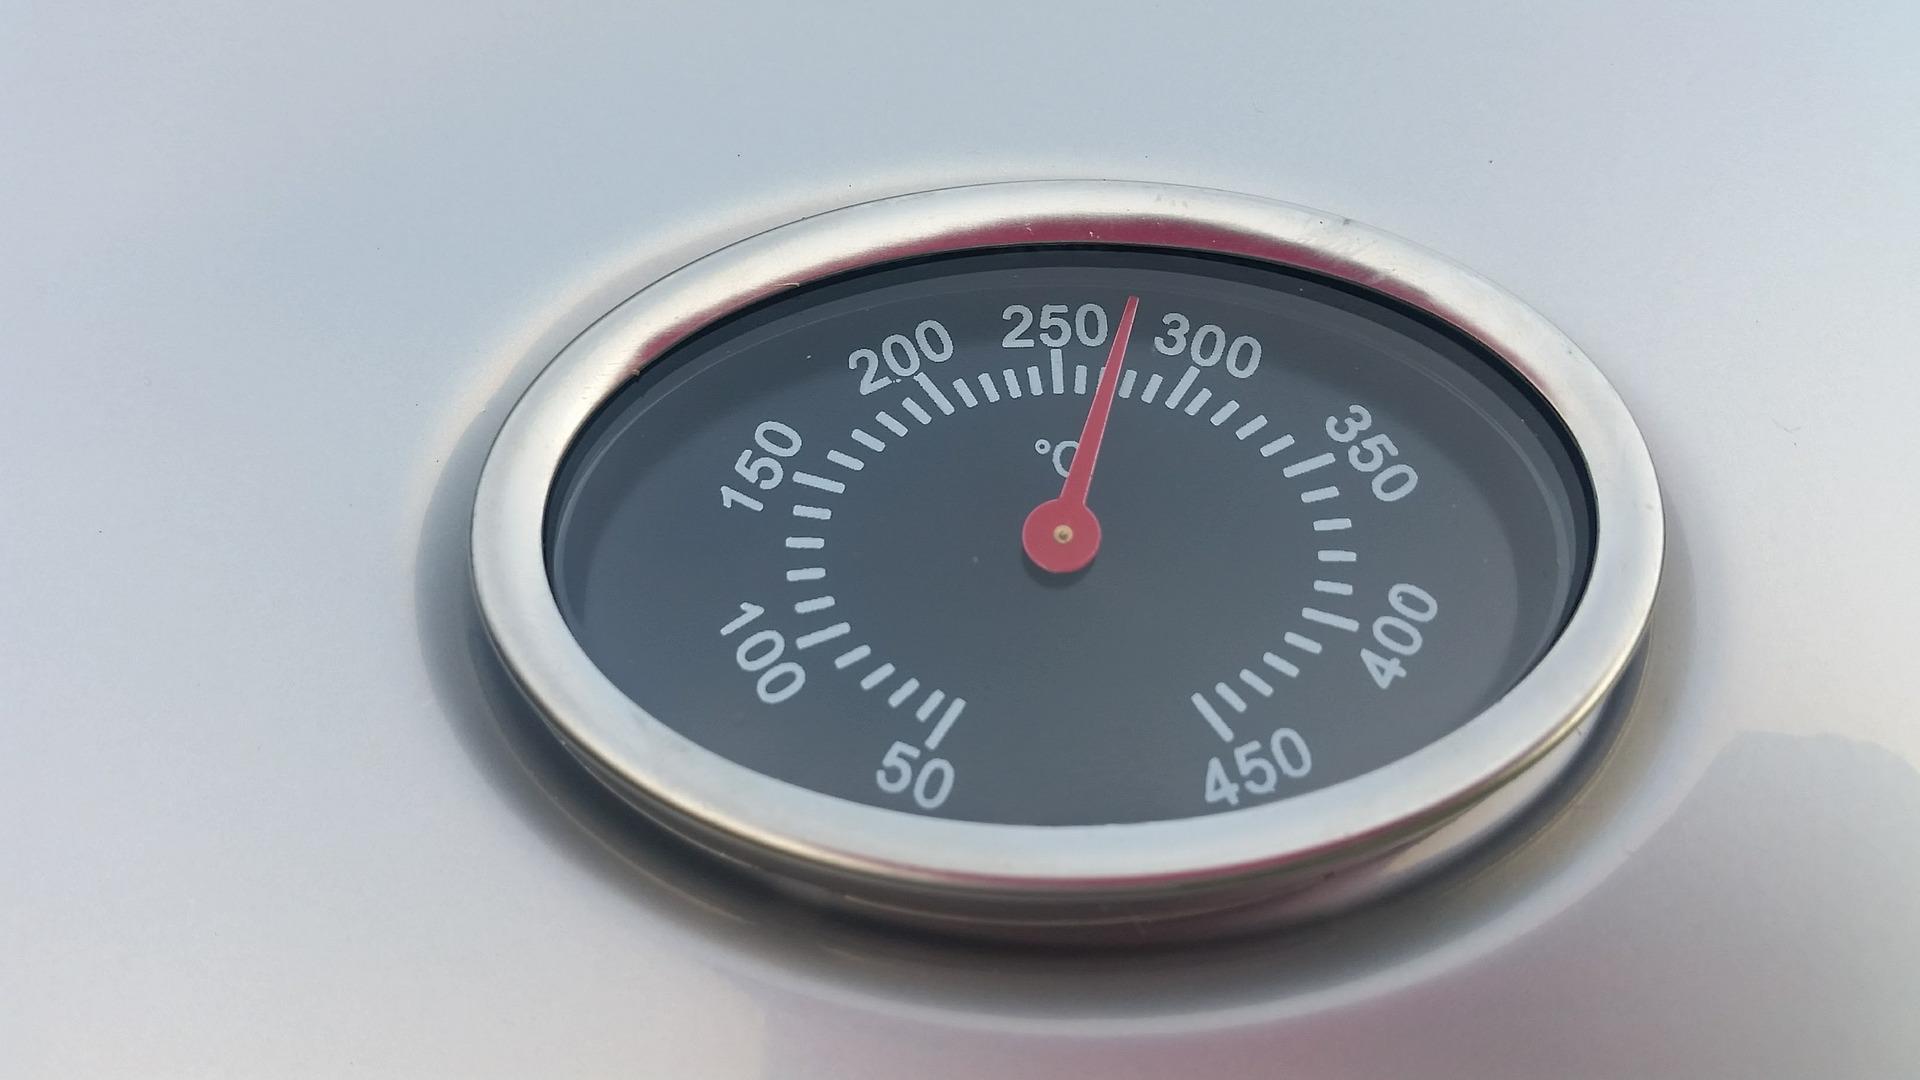 Digital Haushalts Kochthermometer Küchen Einstichthermometer sofort lesen Sonde